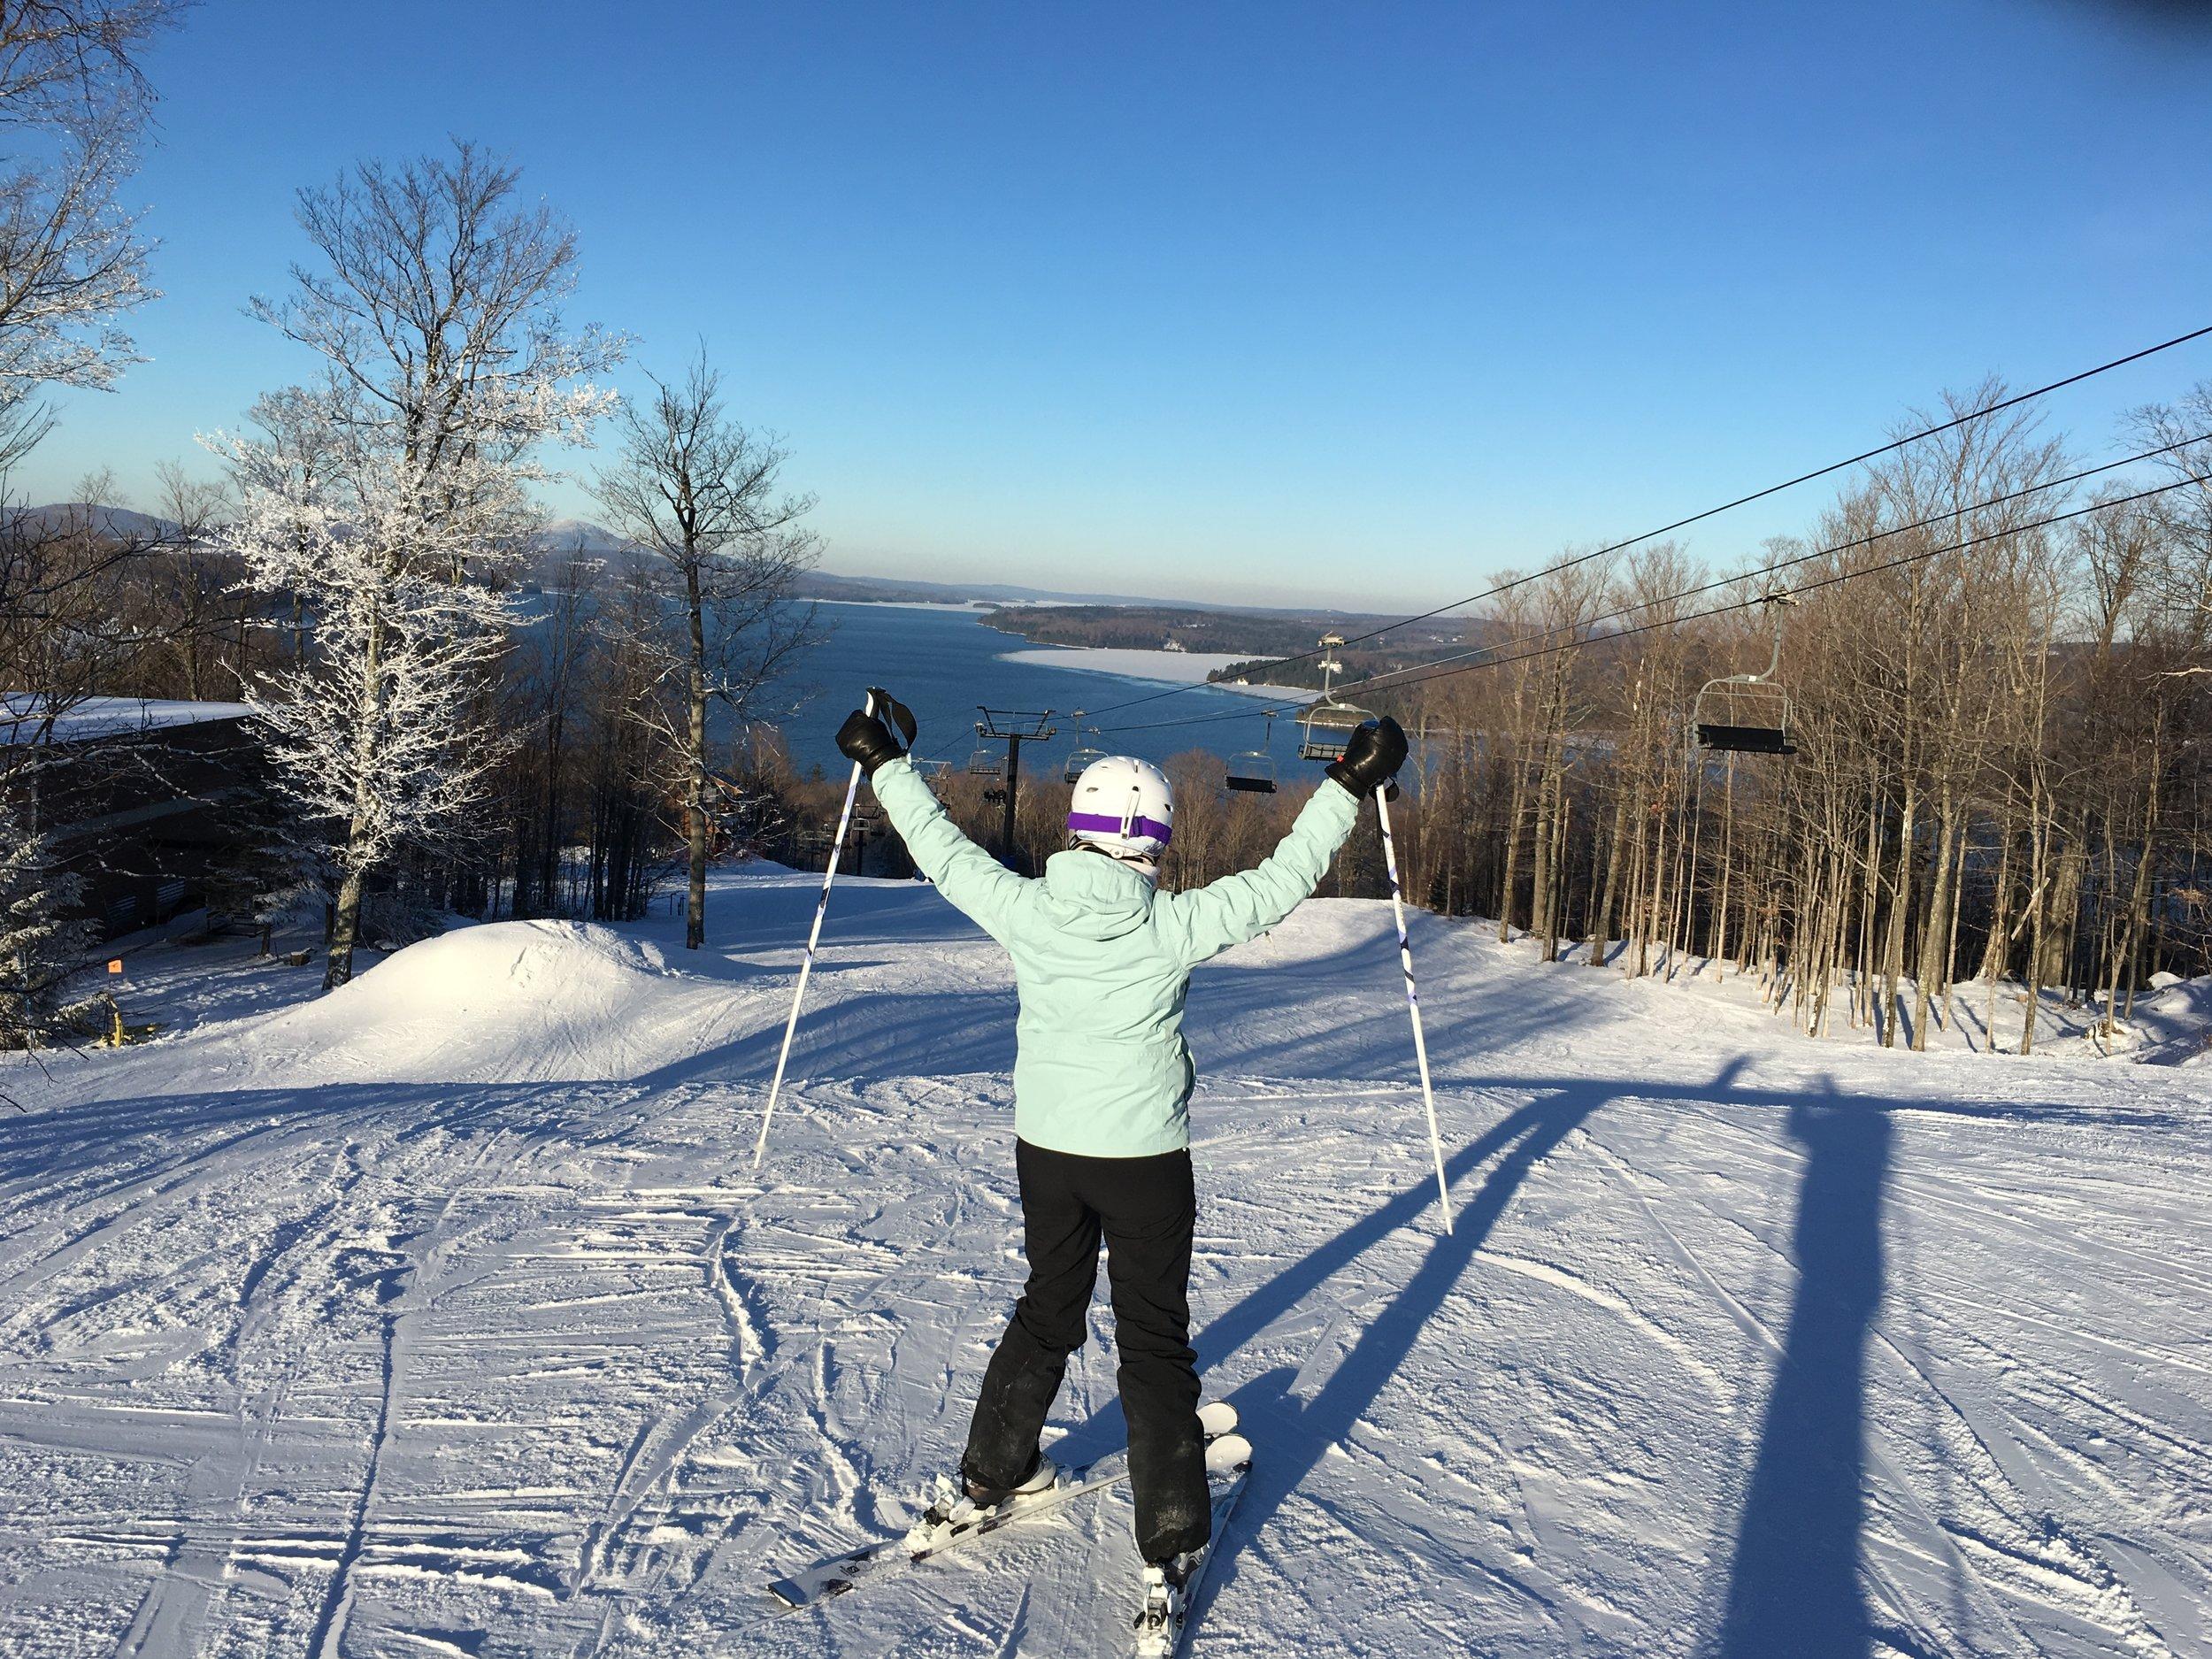 Voyage de ski-destination ski-Ski-Activité hivernale-famille-Voyage-neige-endroits pour skier en famille-Je suis une maman